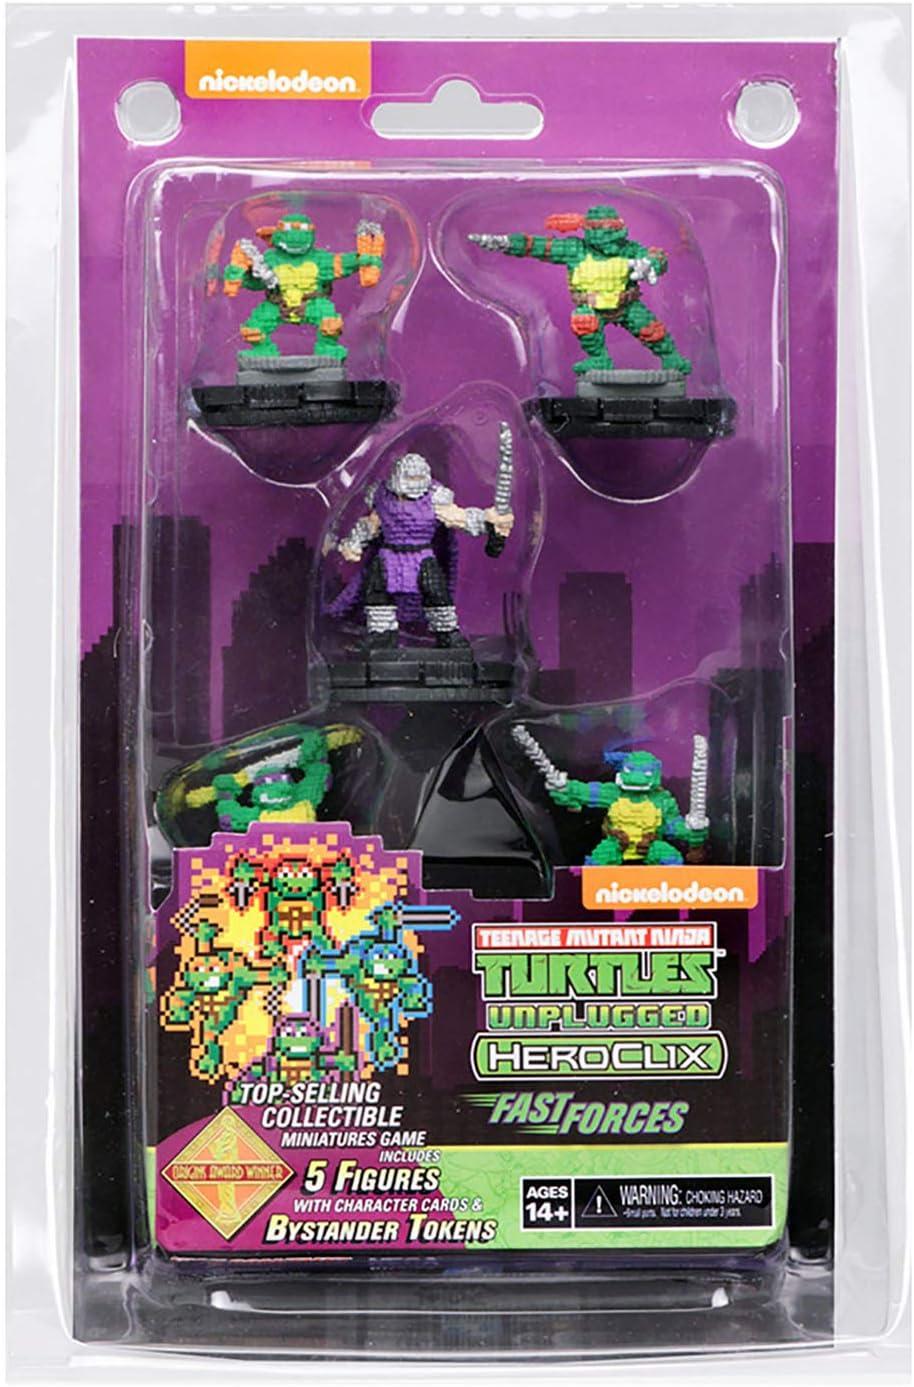 Teenage Mutant Ninja Turtles Heroclix: Fast Forces